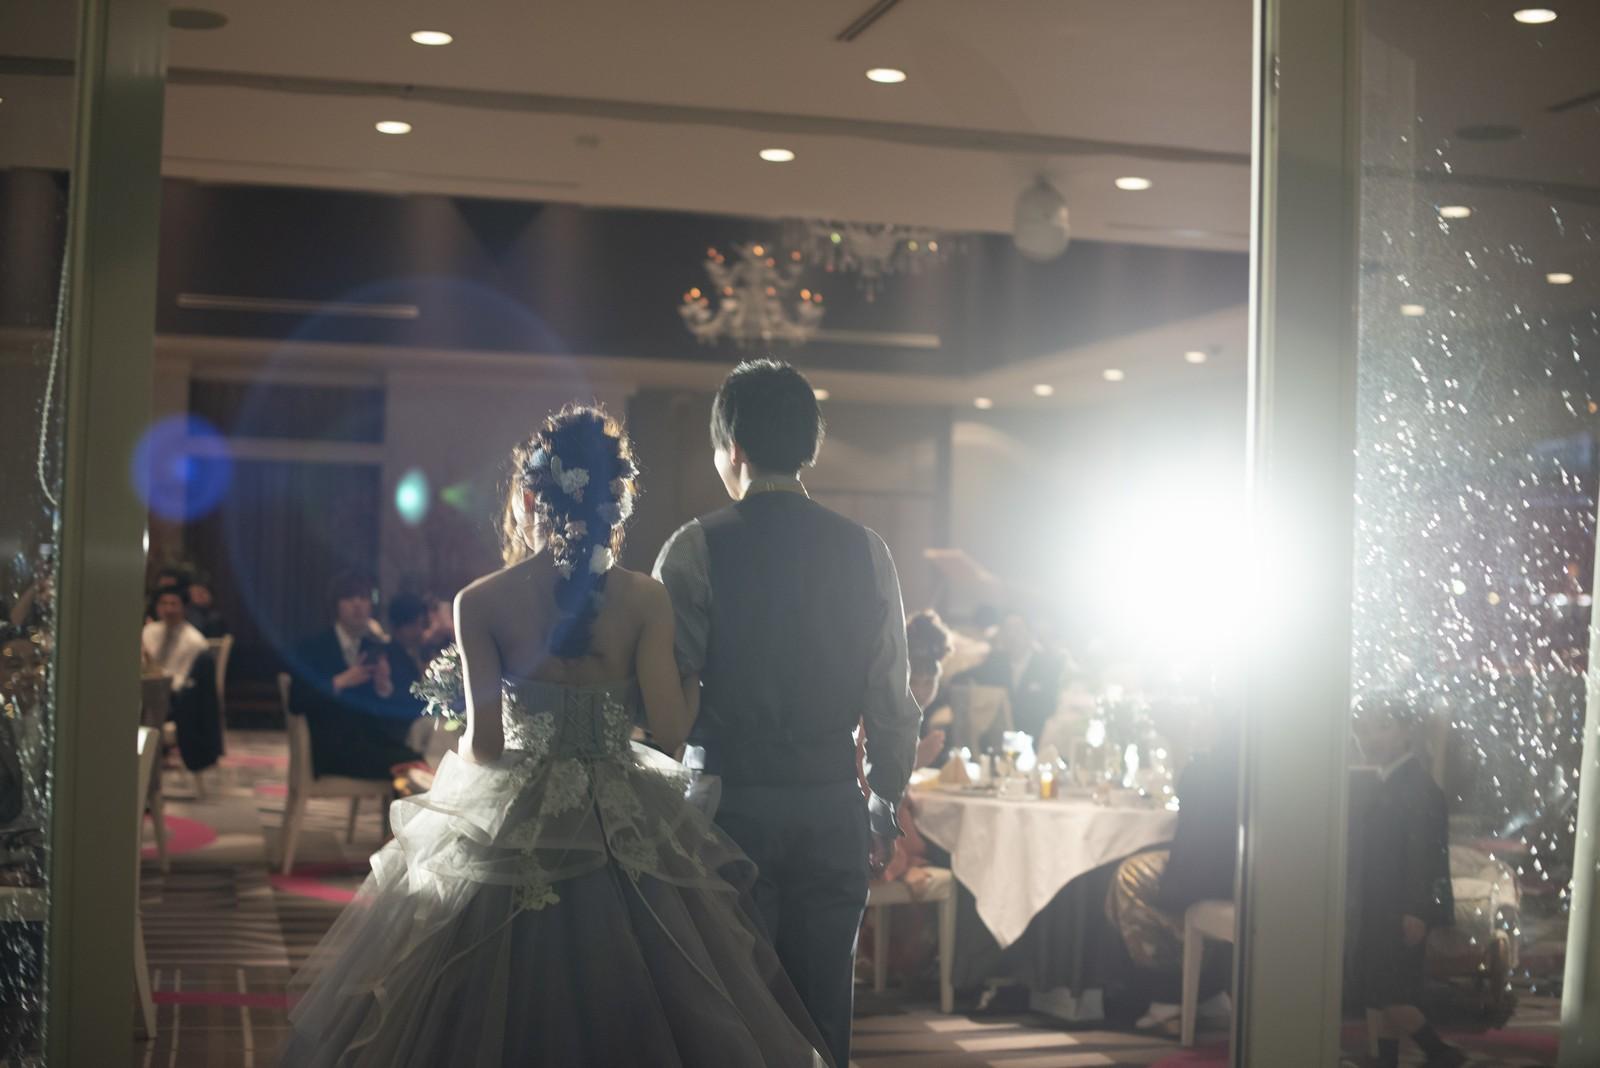 徳島市の結婚式場ブランアンジュでのお色直し入場はカクテルドレスで